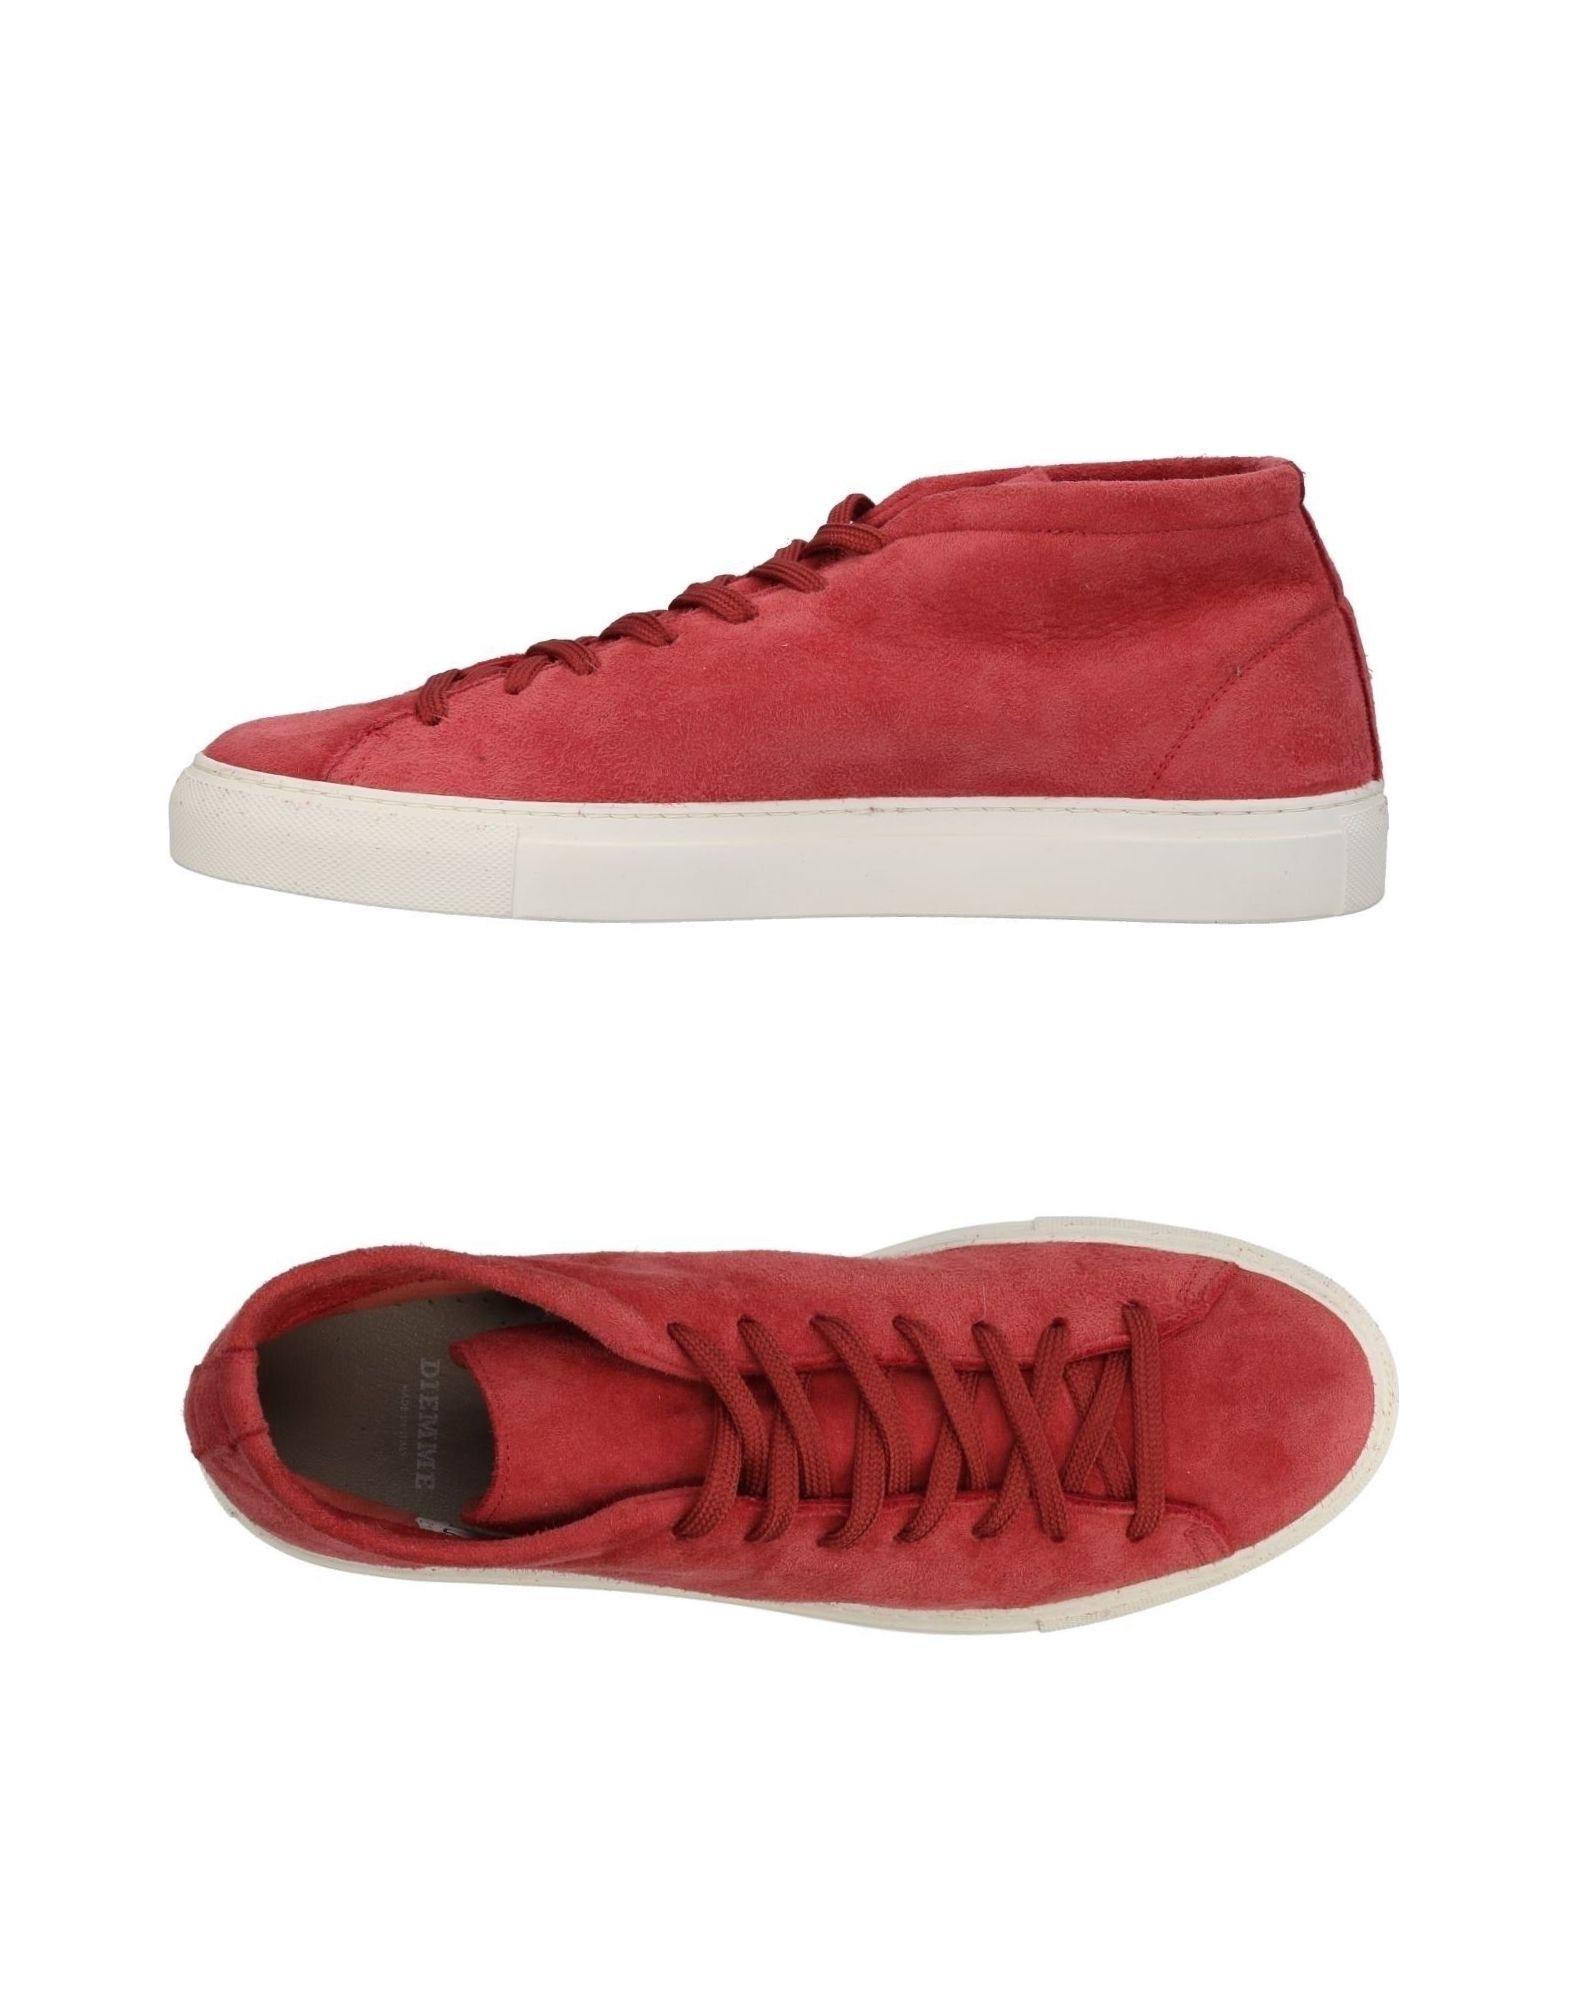 Sneakers Diemme Uomo - 11121407HL Scarpe economiche e buone